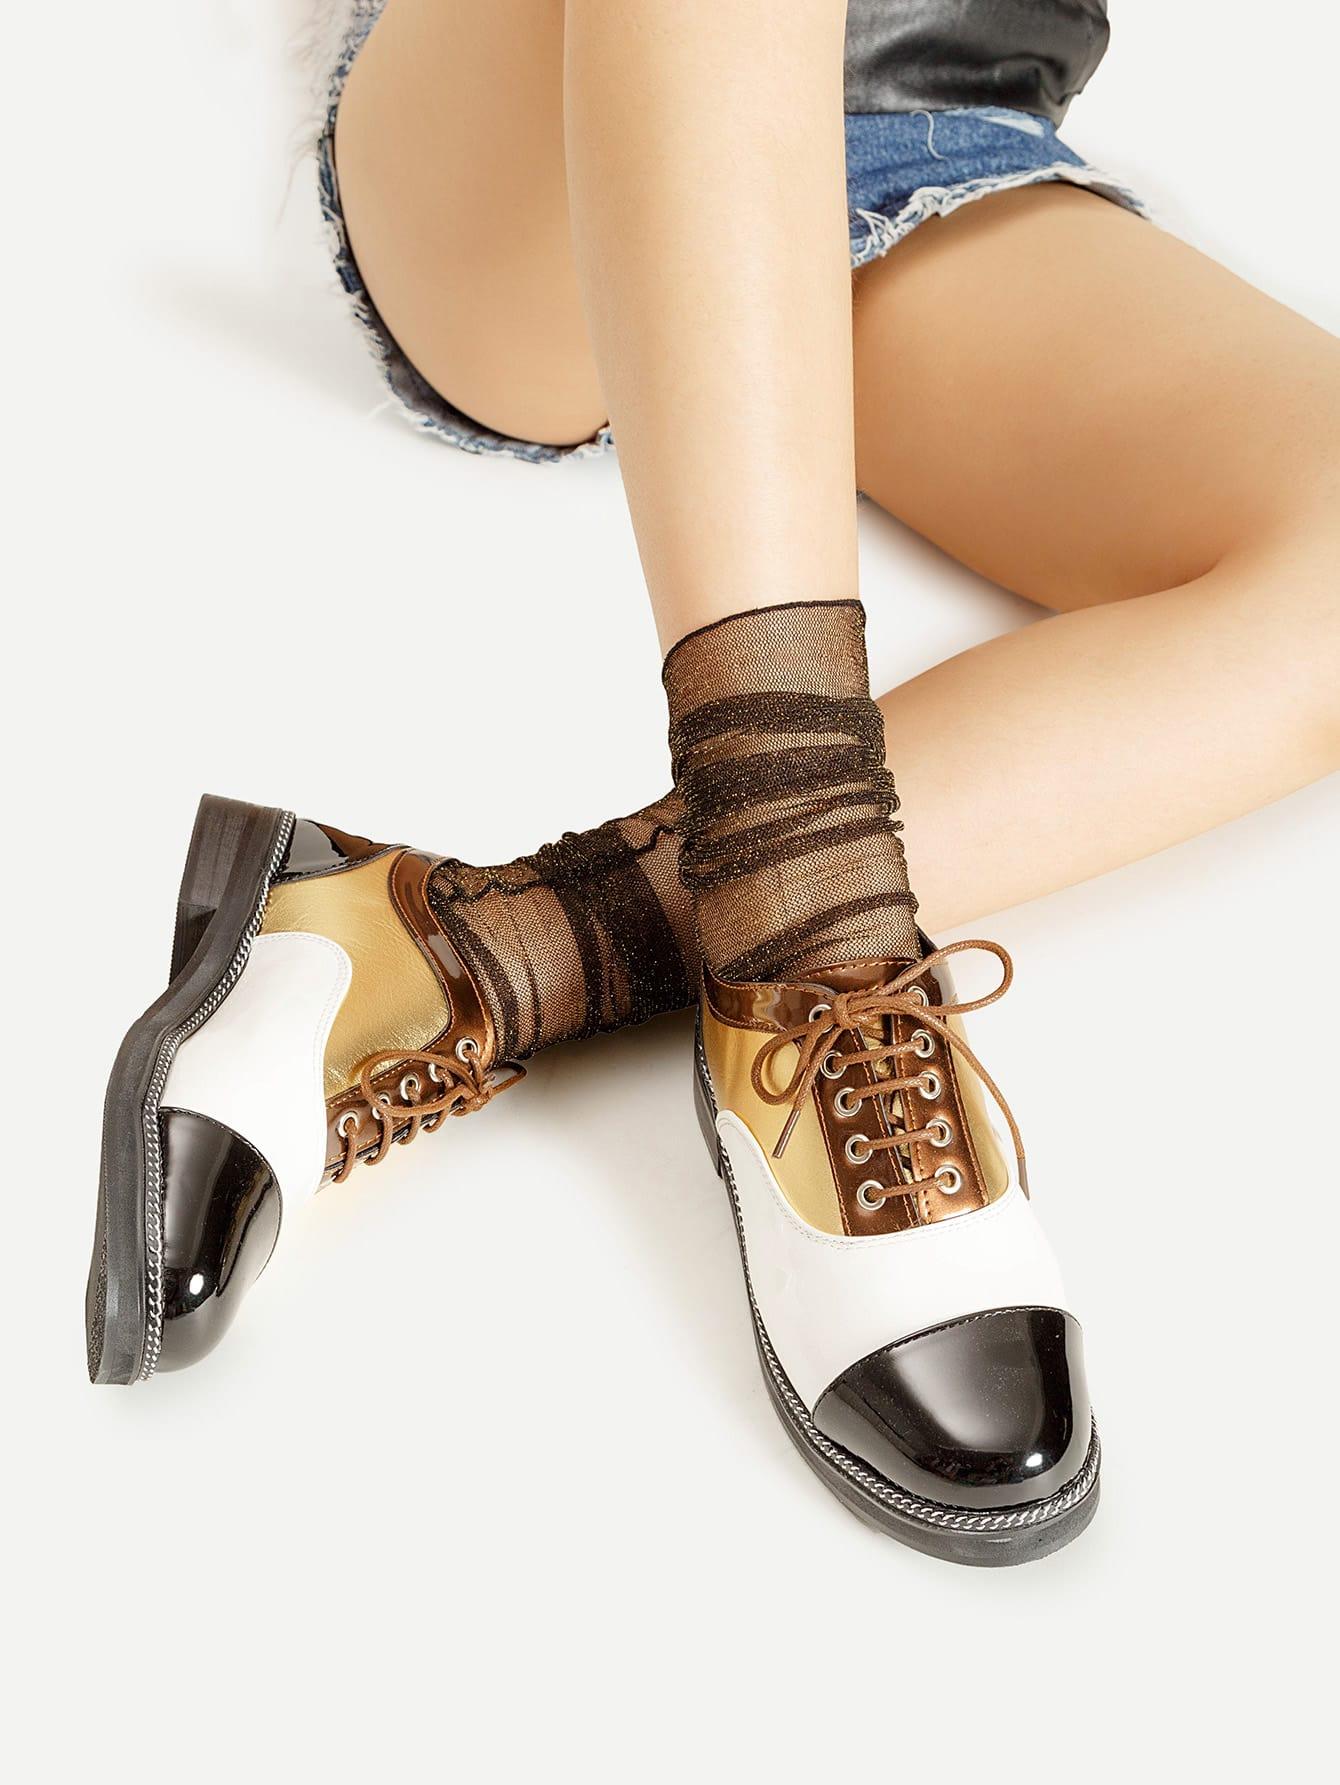 Glitter Seam Side Ankle Socks